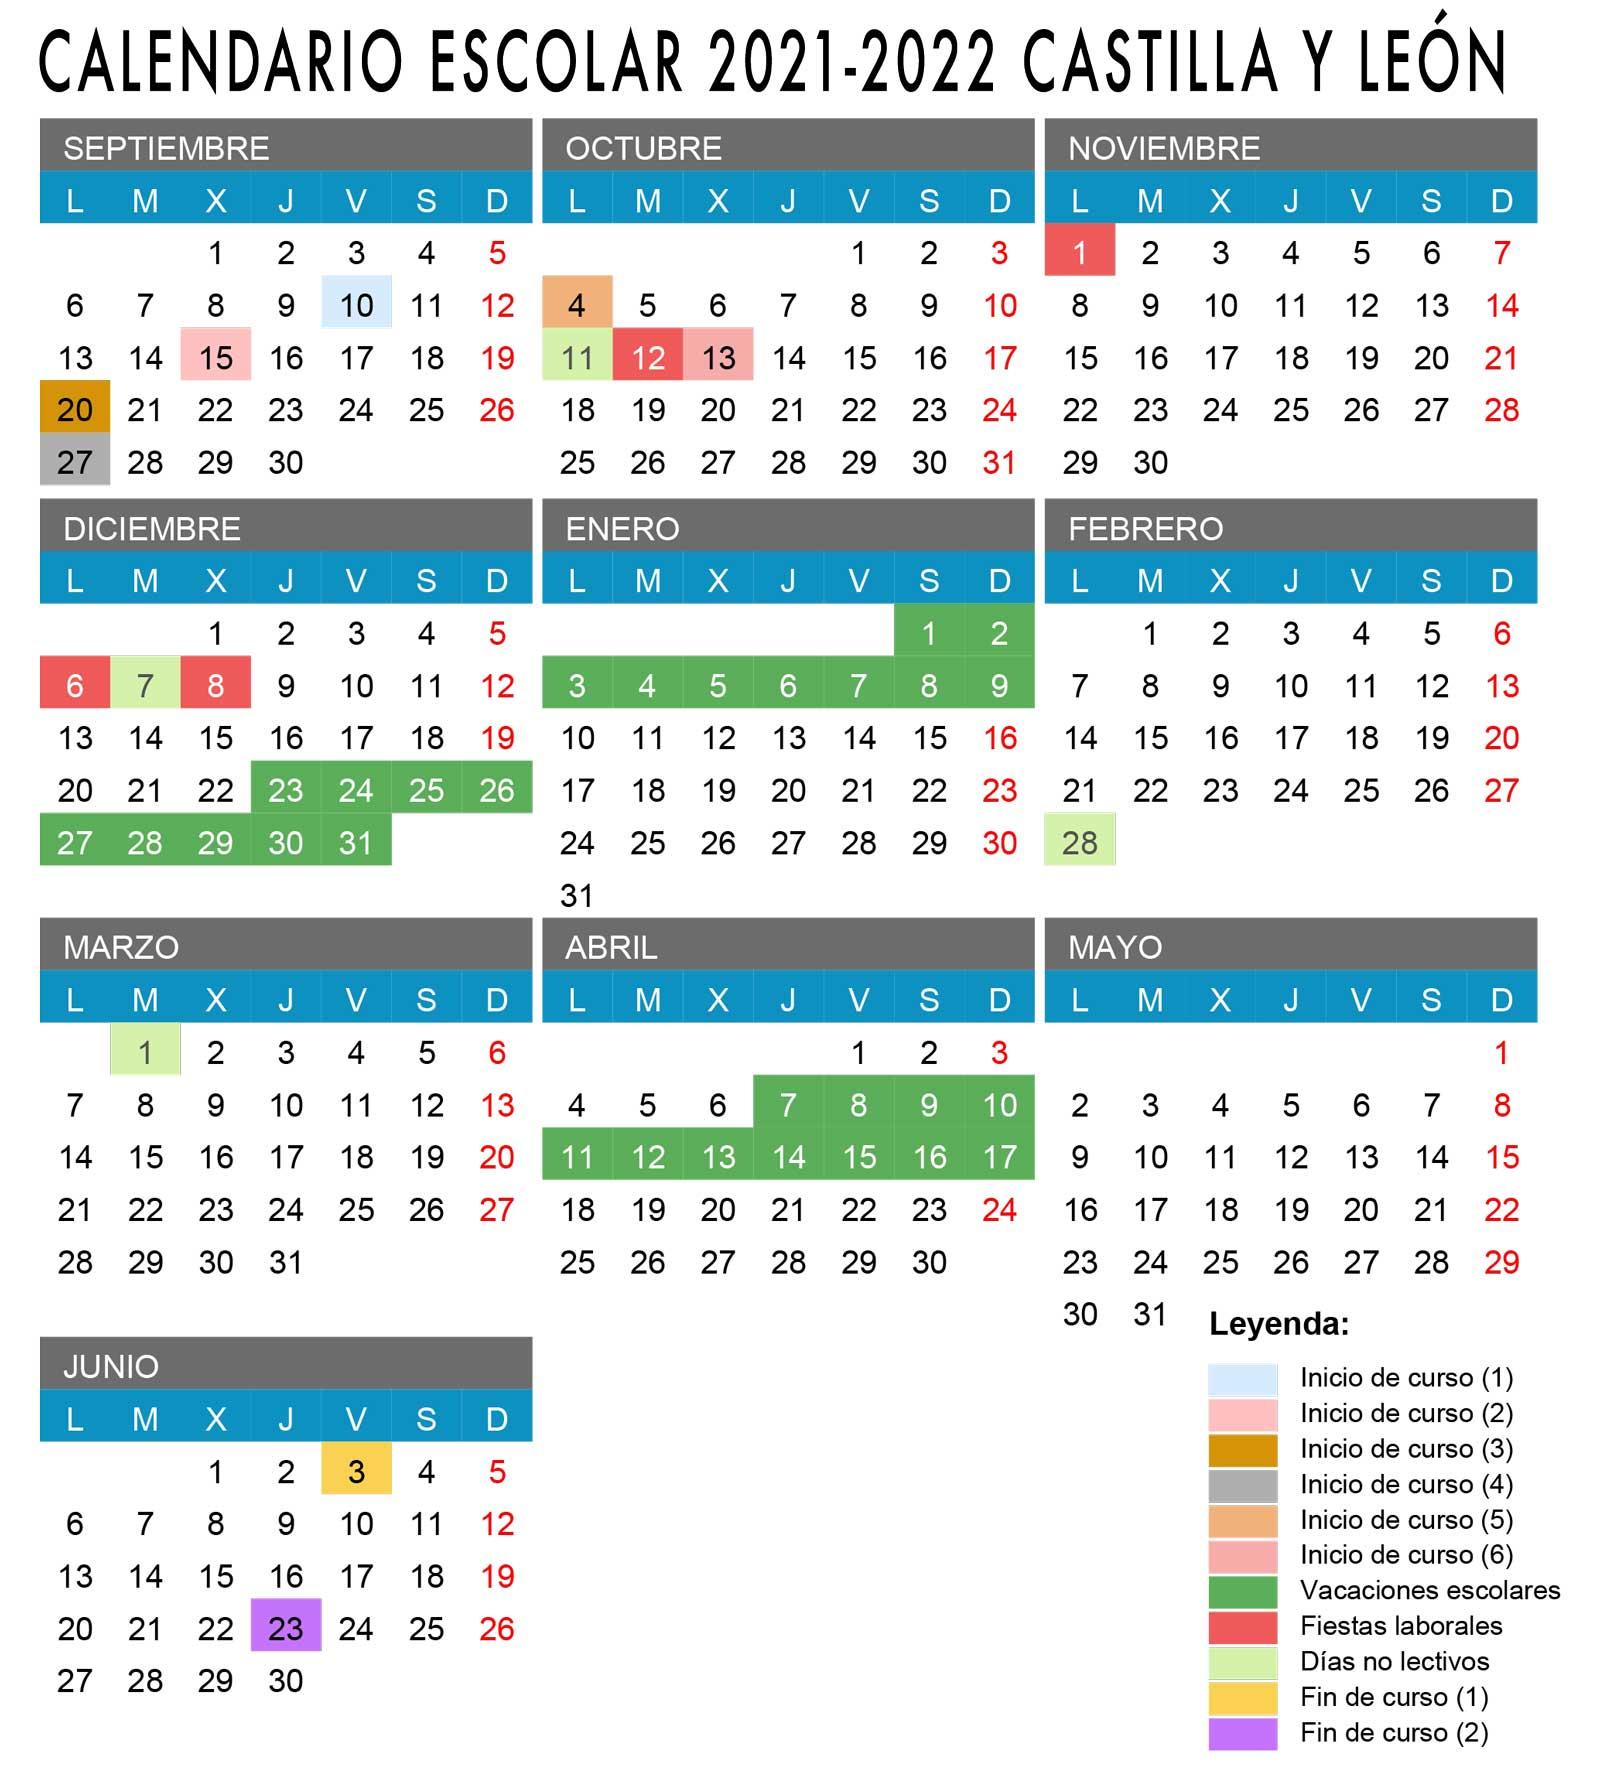 Calendario escolar de Castilla Y León 2021-2022